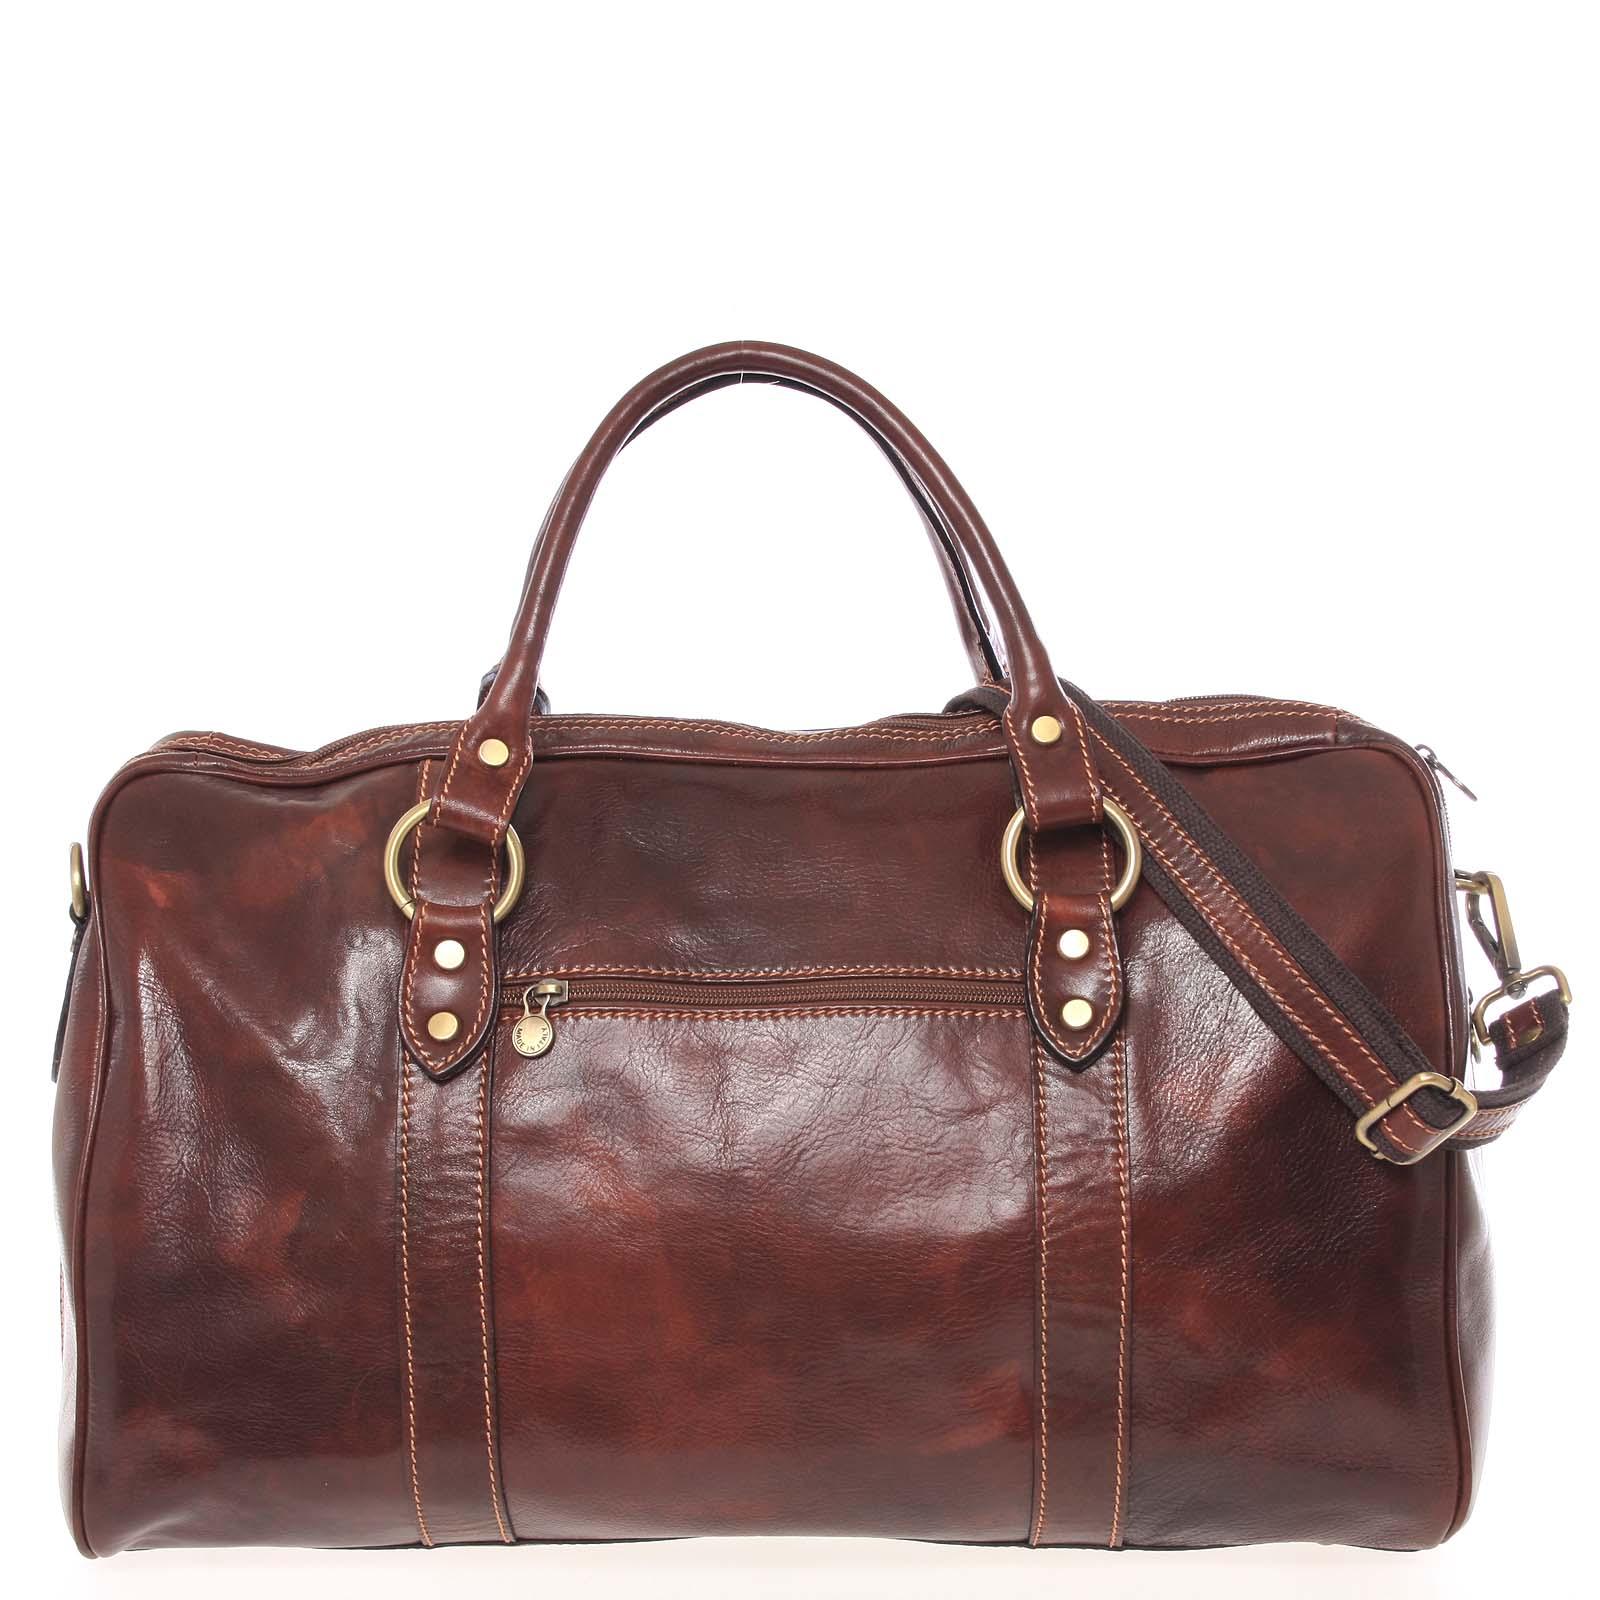 Veľká cestovná kožená taška hnedá - ItalY Equado